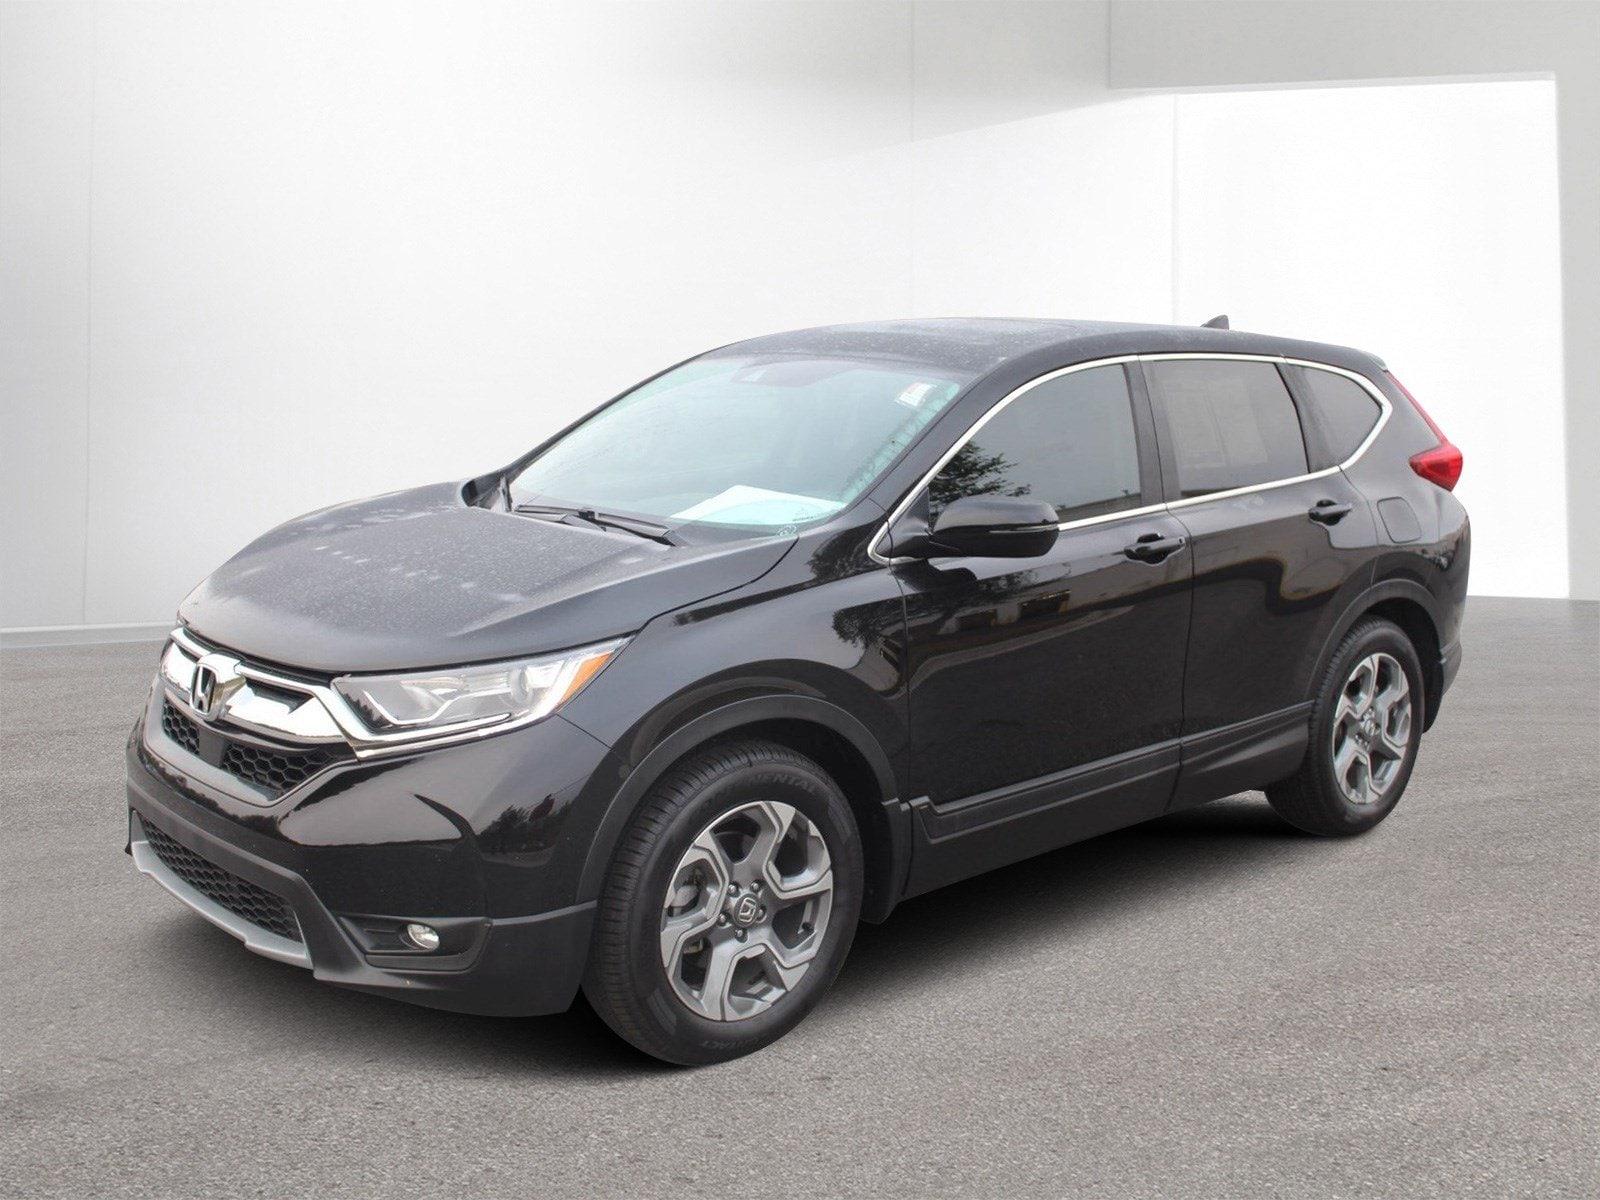 2017 Honda CR-V EX-L 2WD SUV